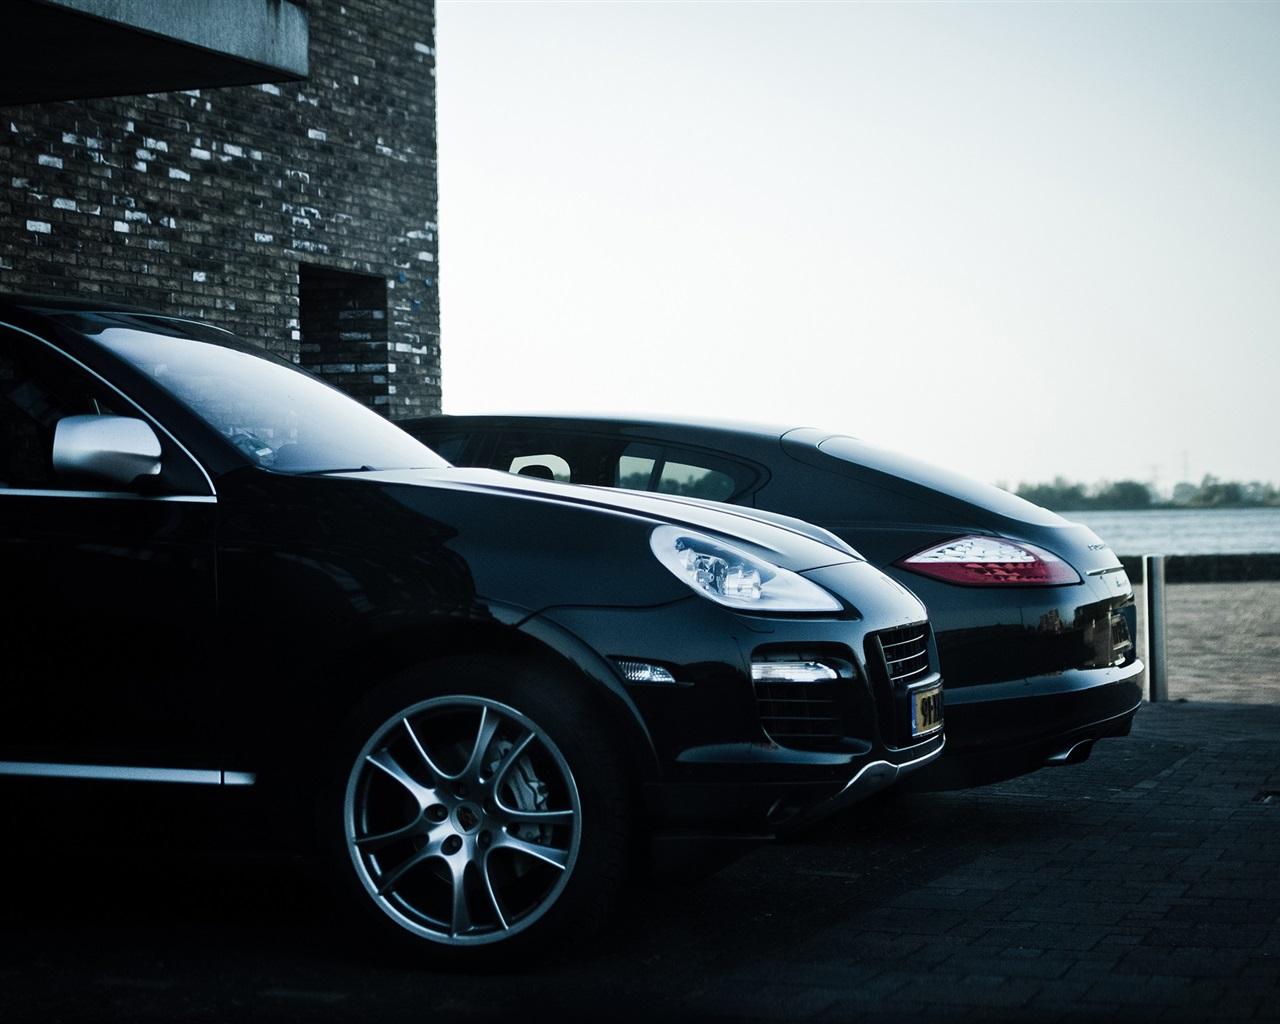 Fonds D'écran Porsche Cayenne Panamera Voiture De SUV Noir